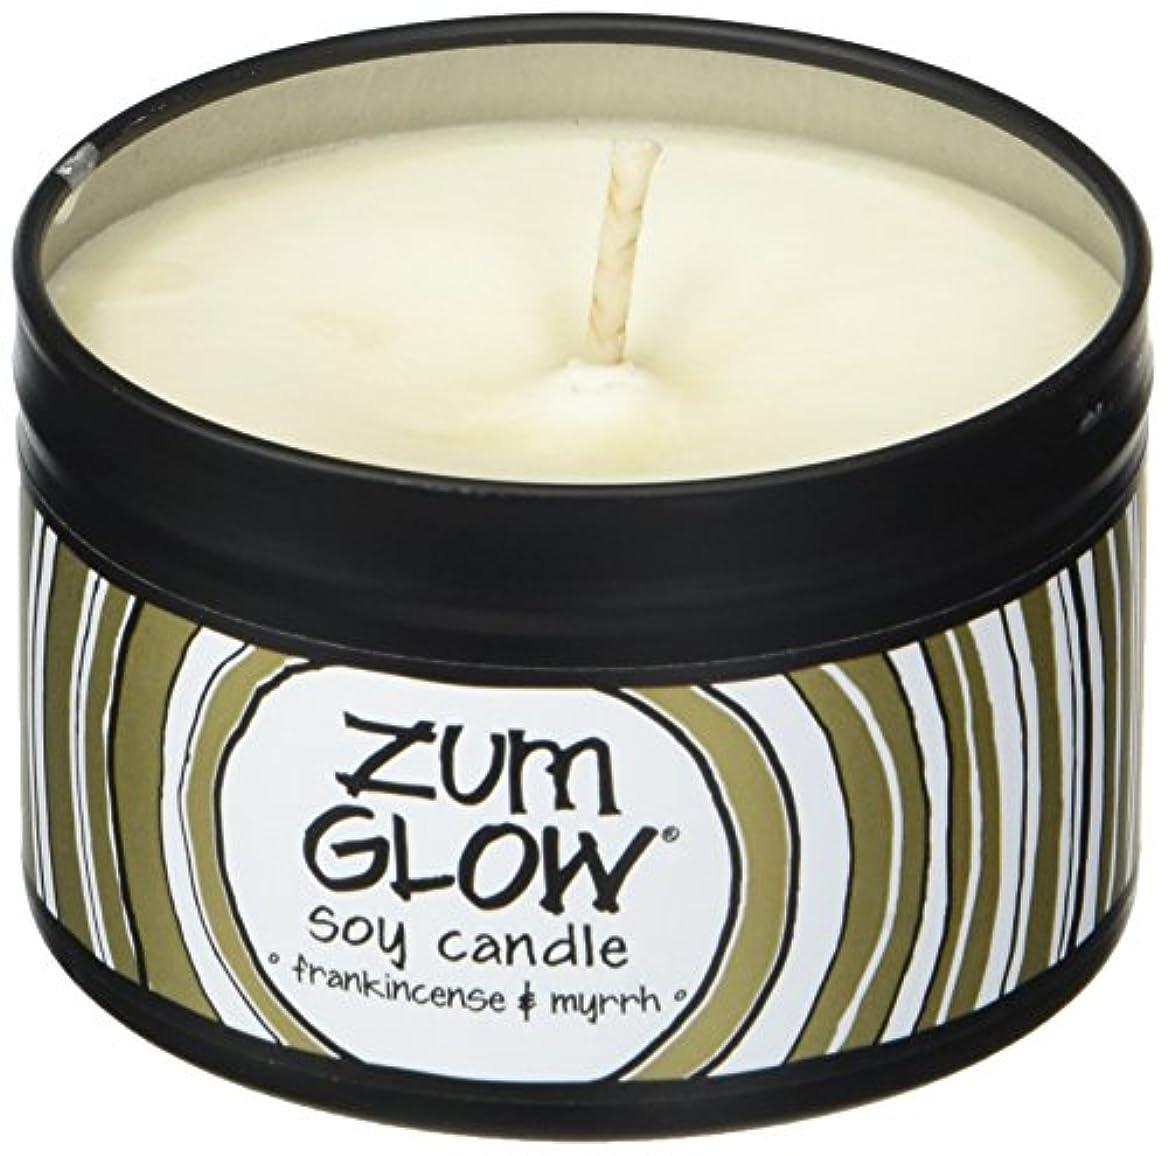 フットボールリーチ交差点Indigo Wild Zum Glow Soy Candles, Frankincense and Myrrh